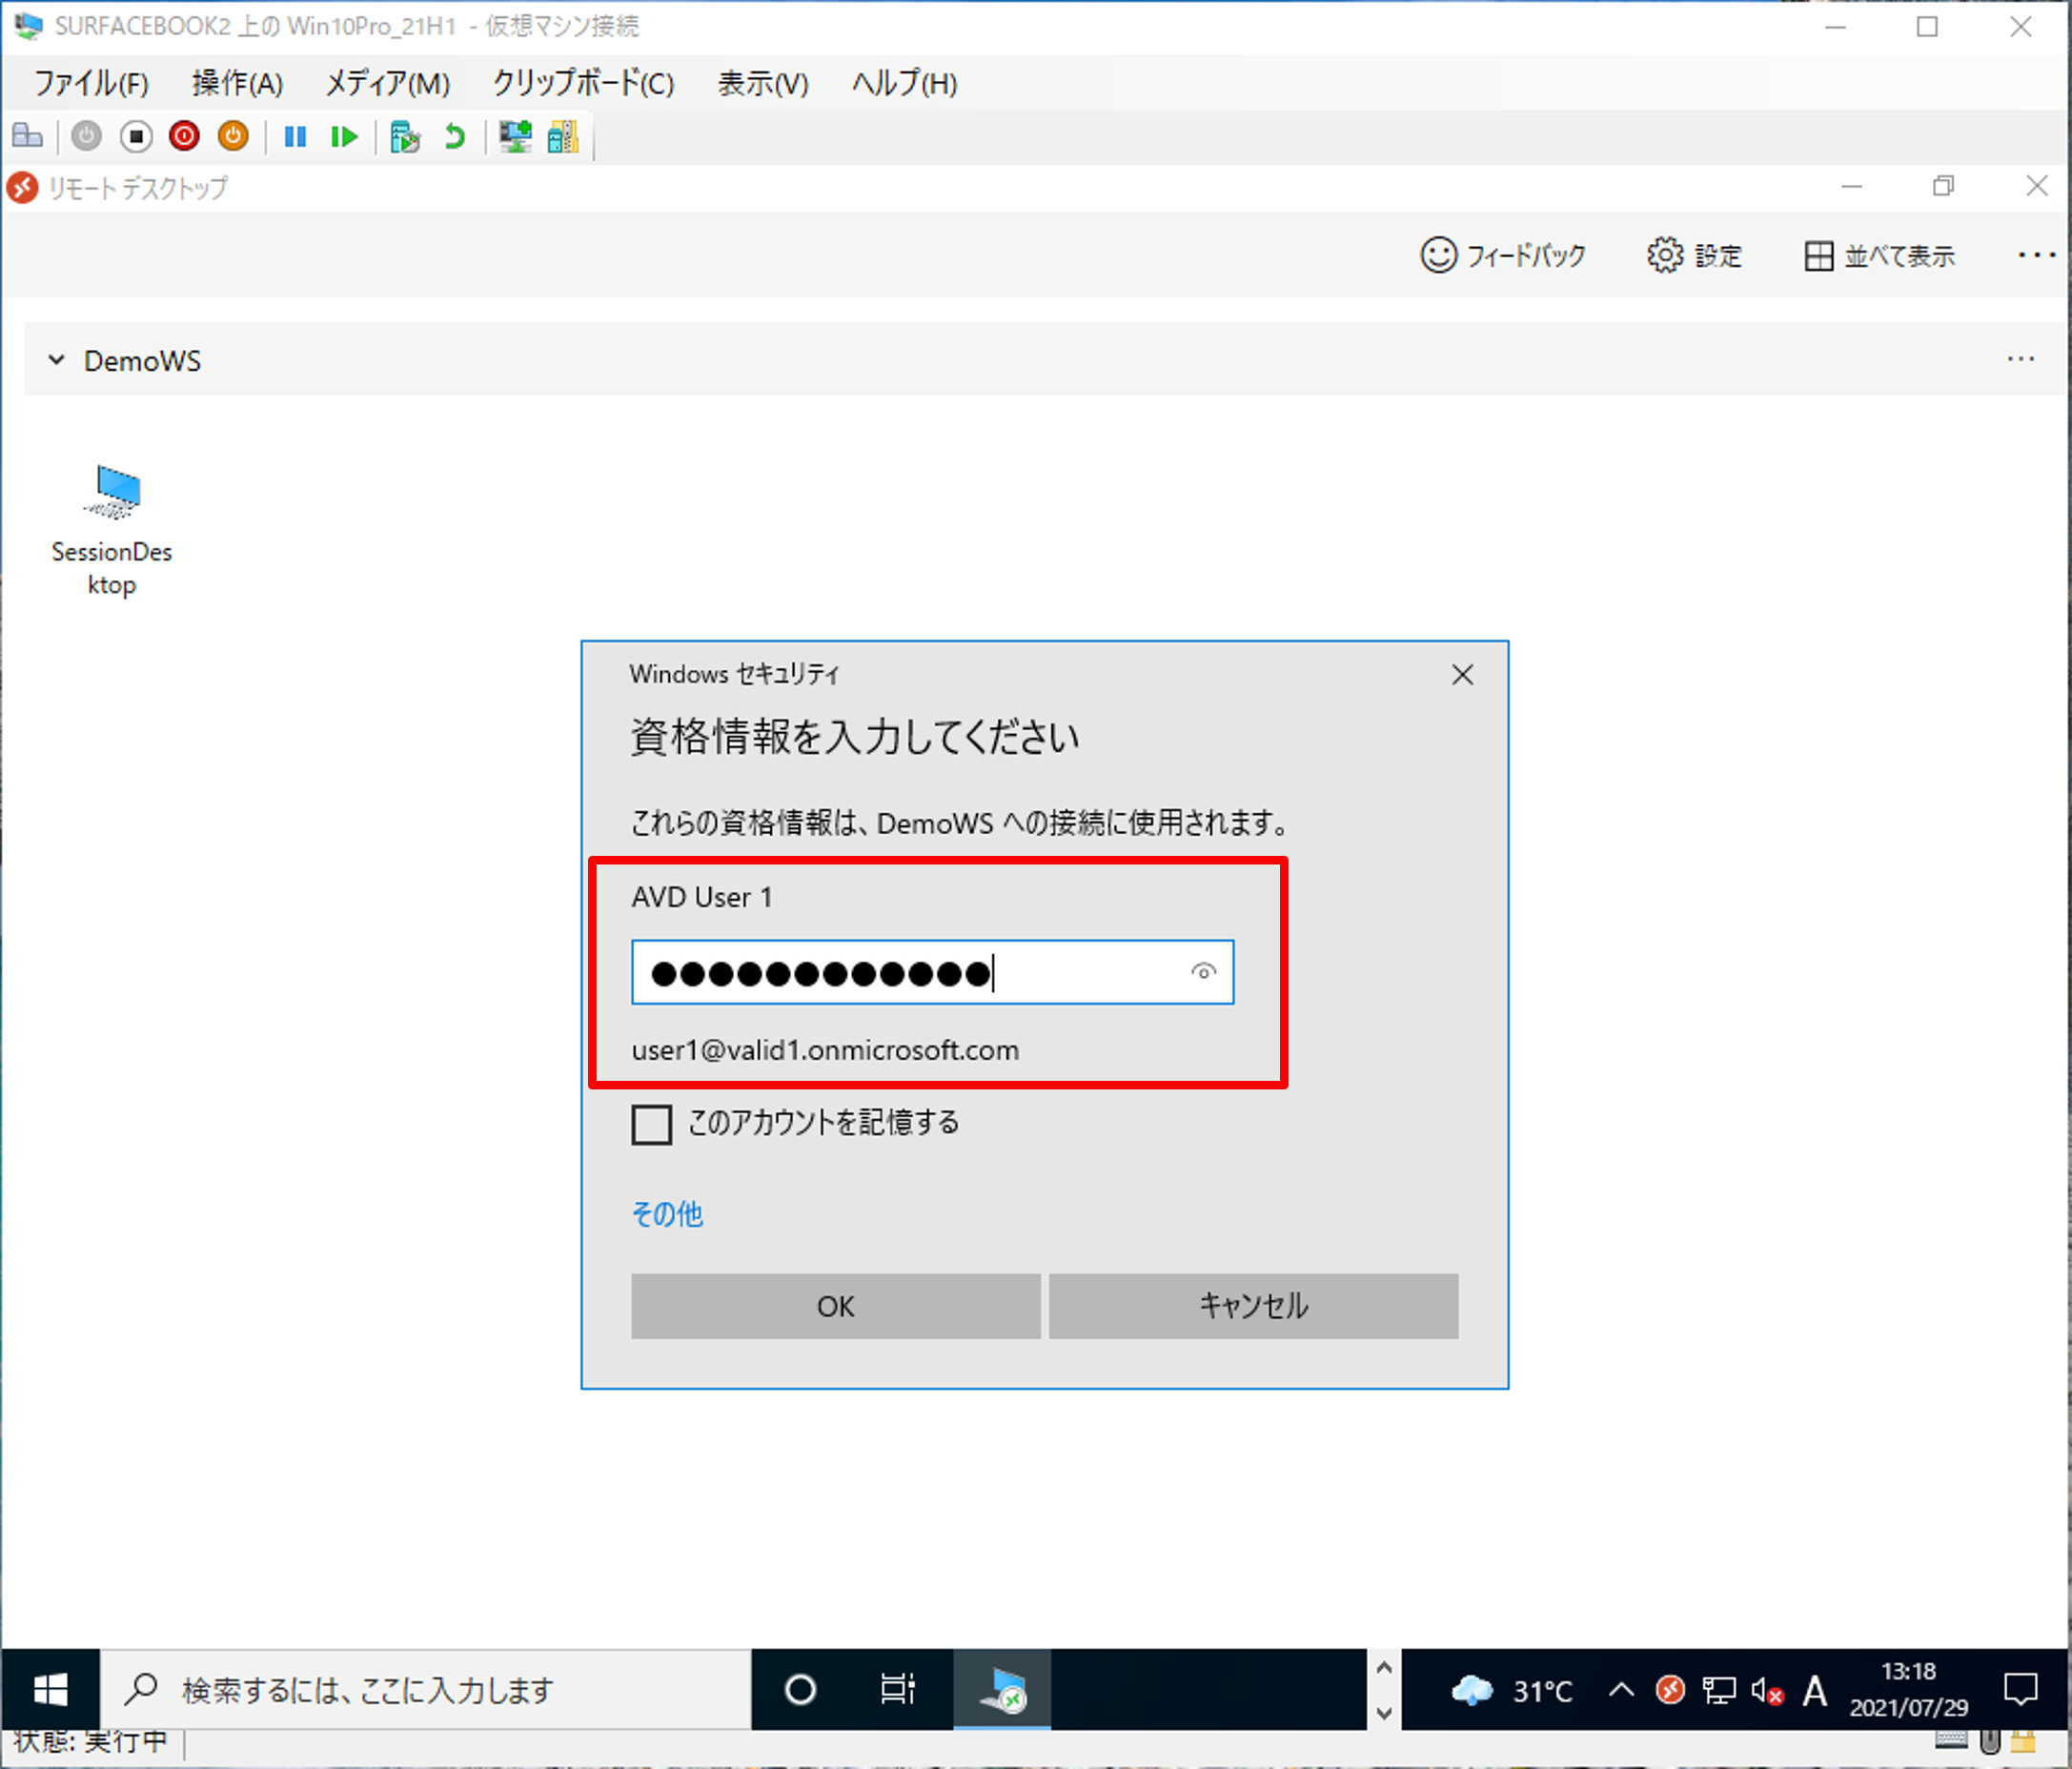 画像15_AVD_Windows Desktopクライアント1.png